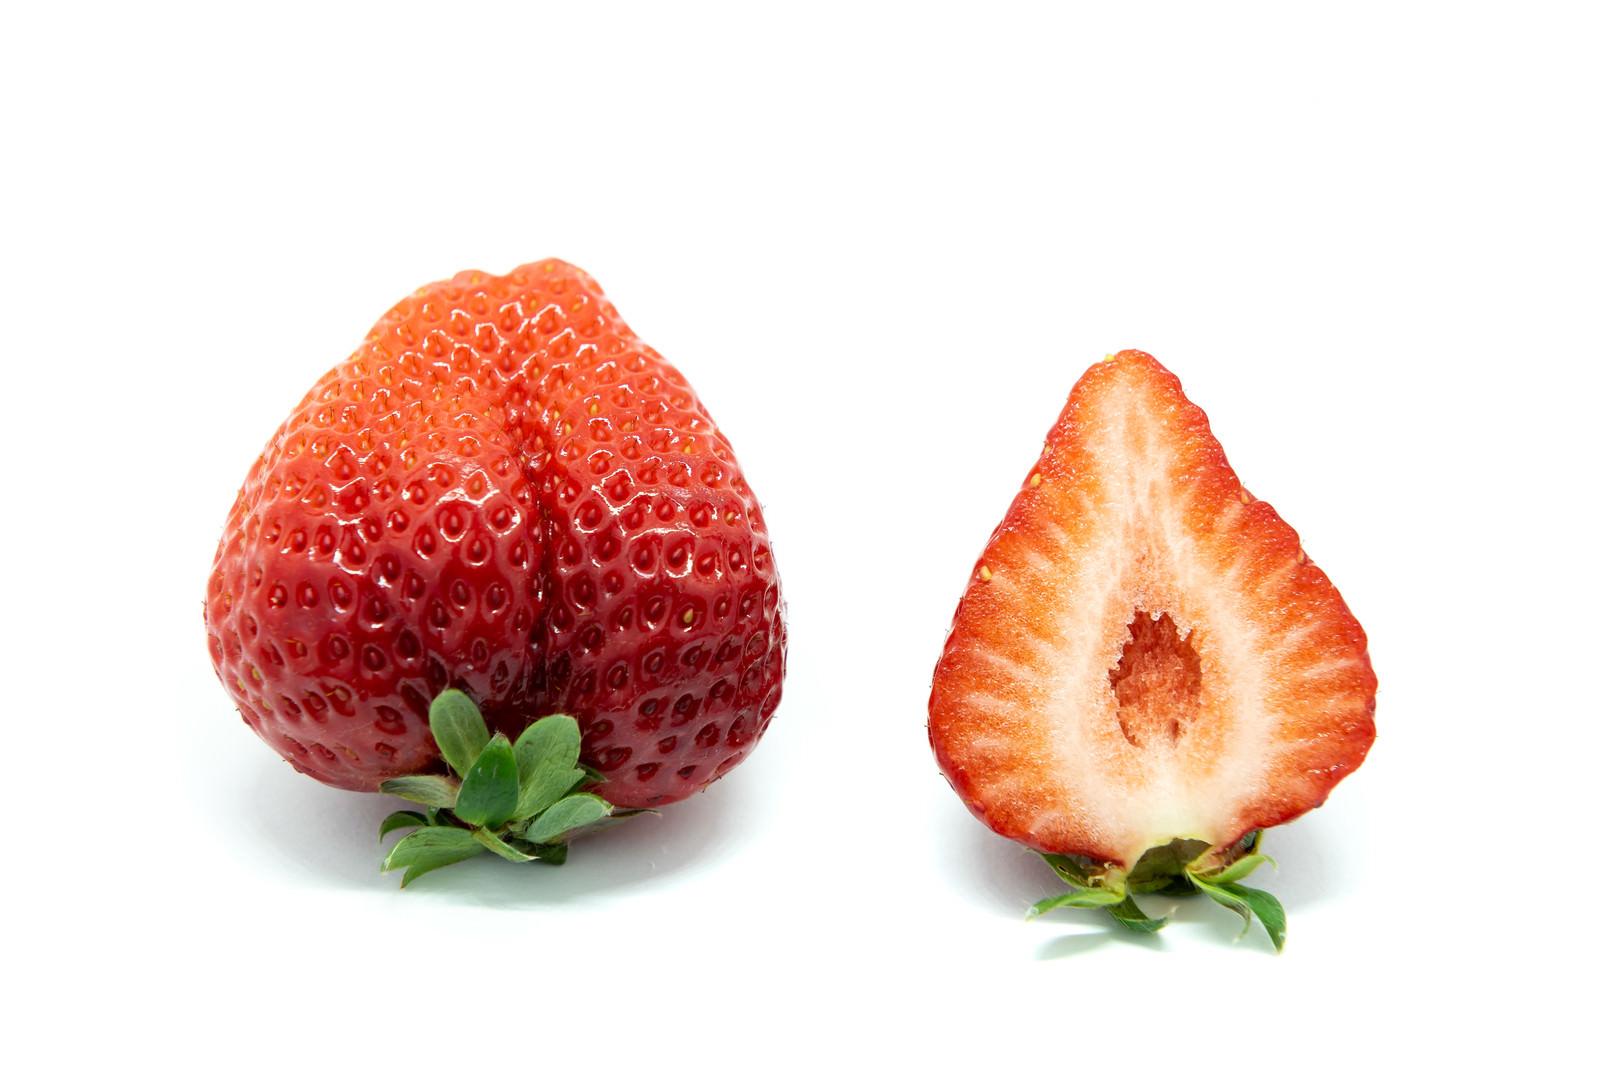 「あまおう(苺)と断面」の写真